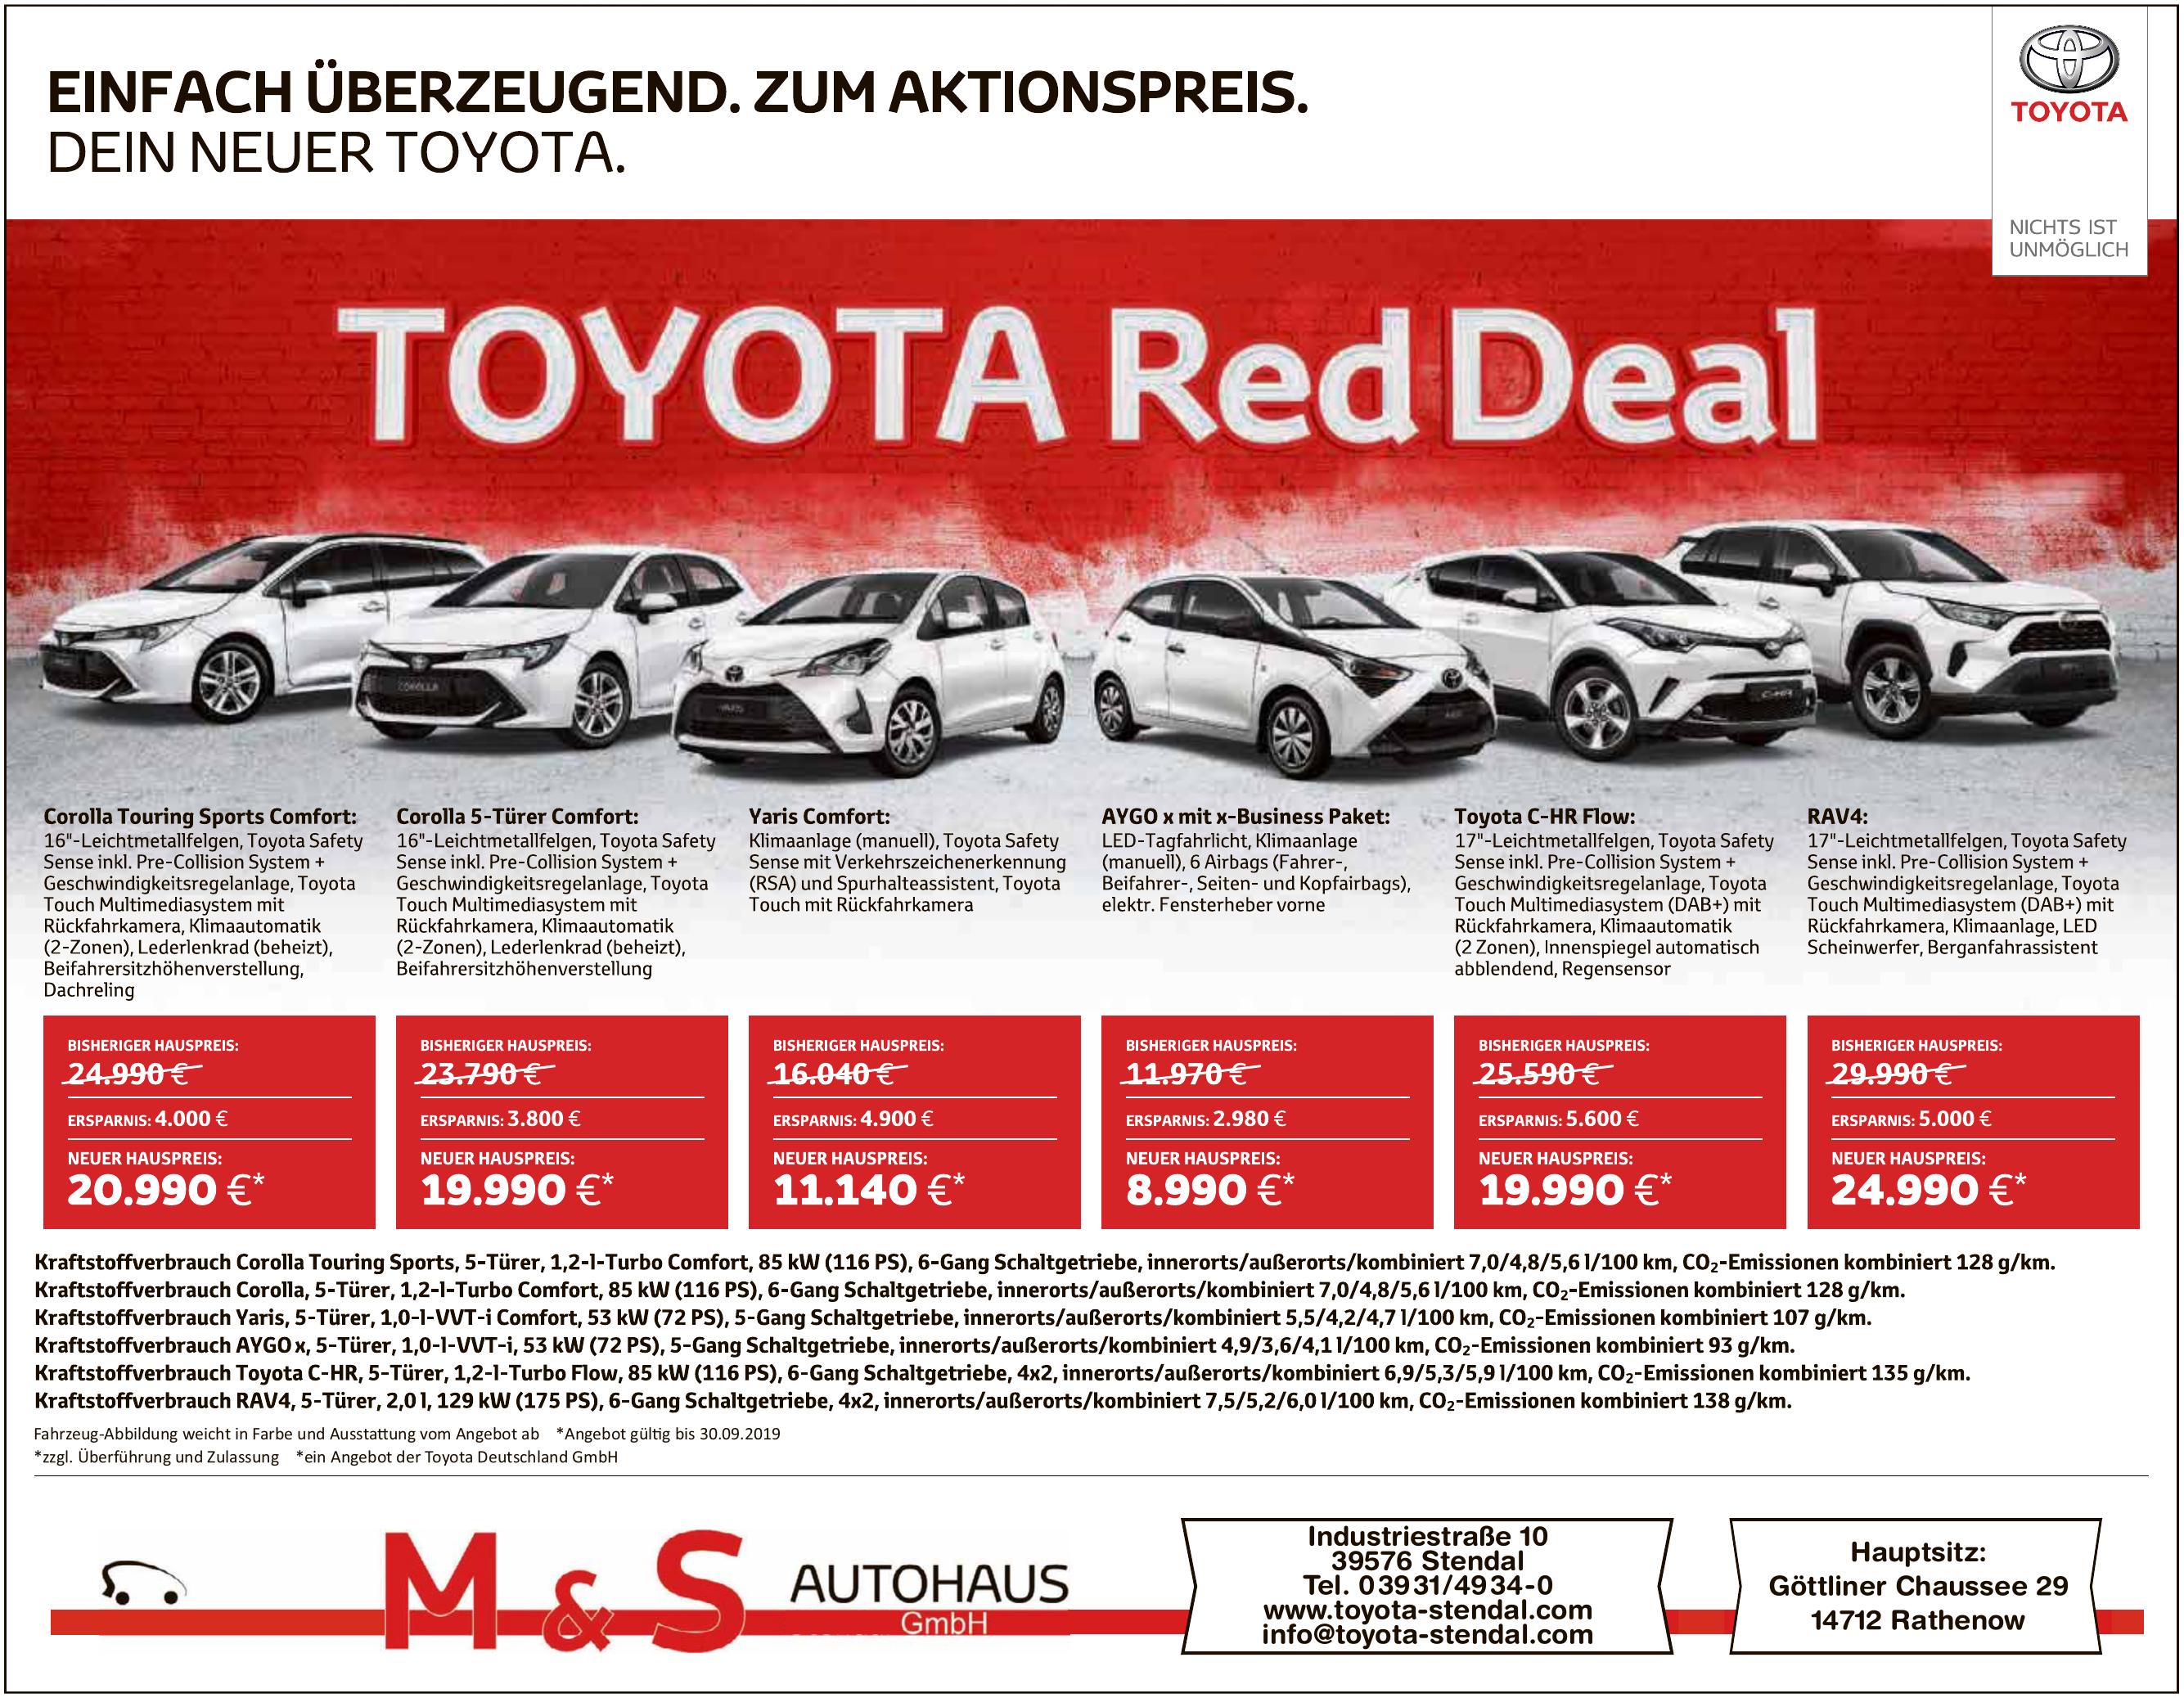 M&S Autohaus GmbH